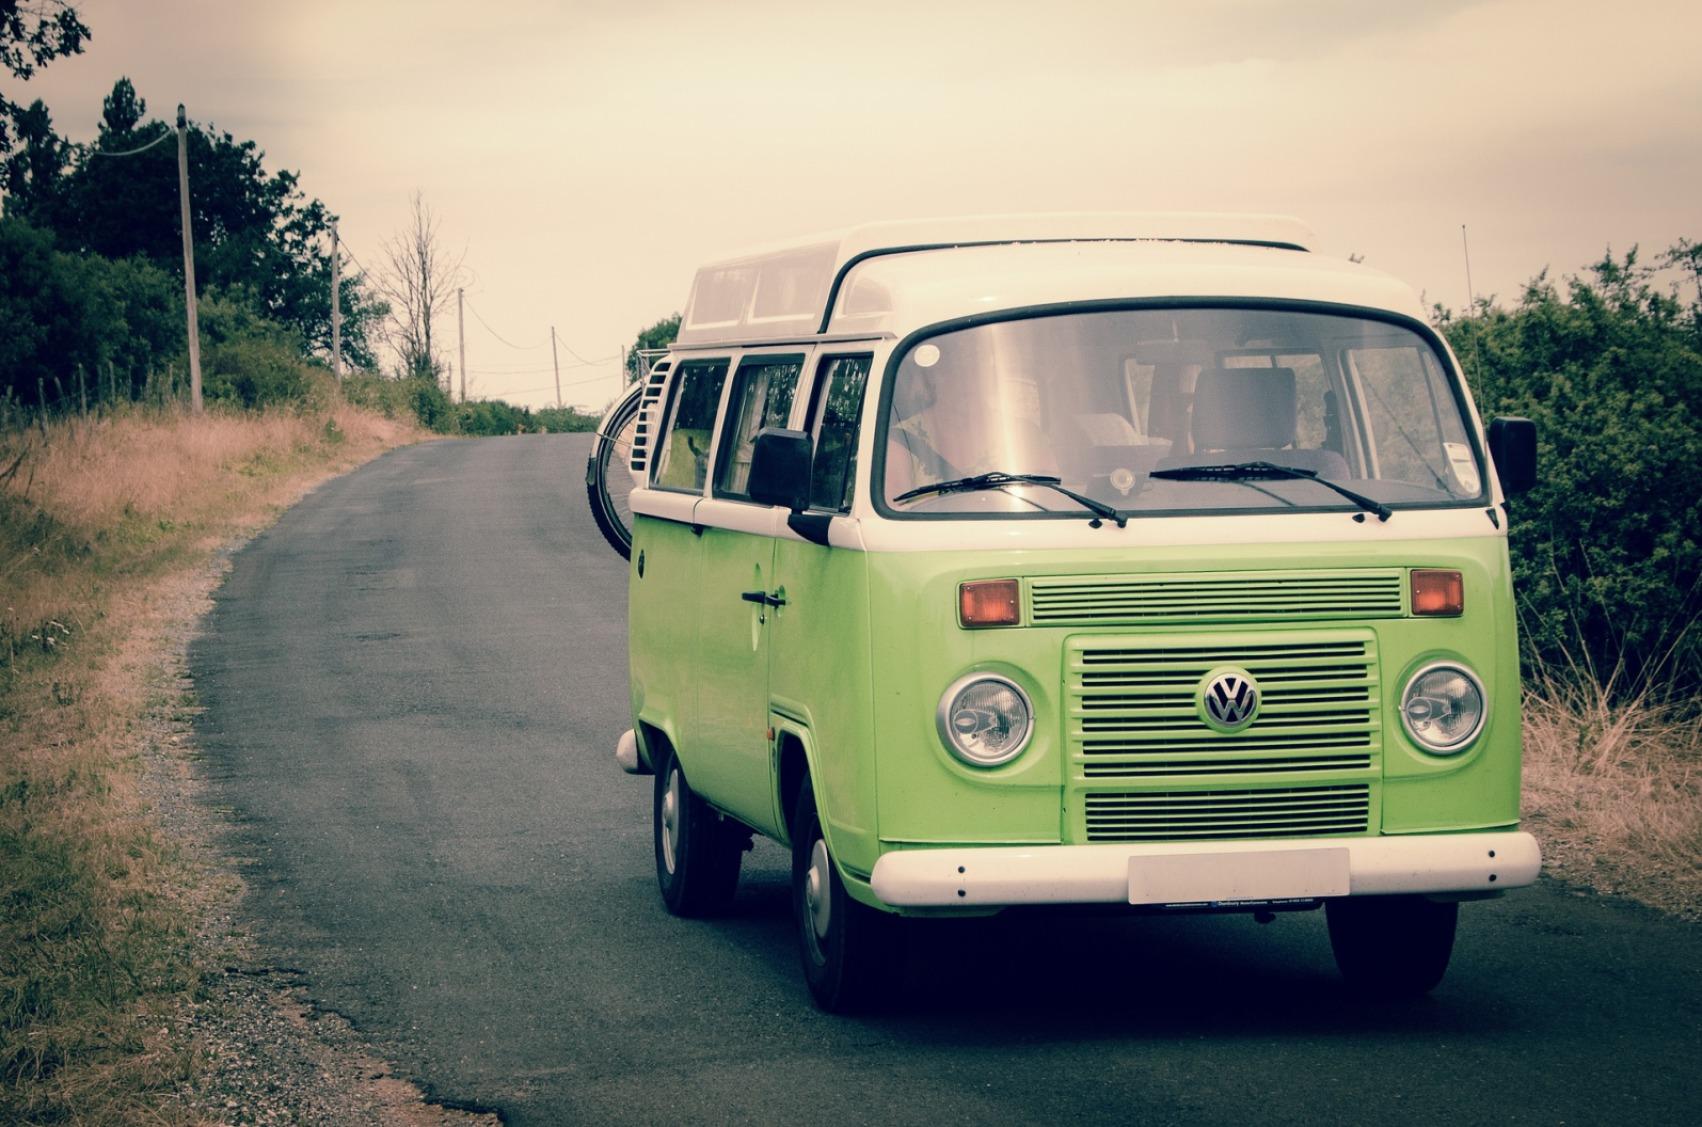 VW Campervan - Original image